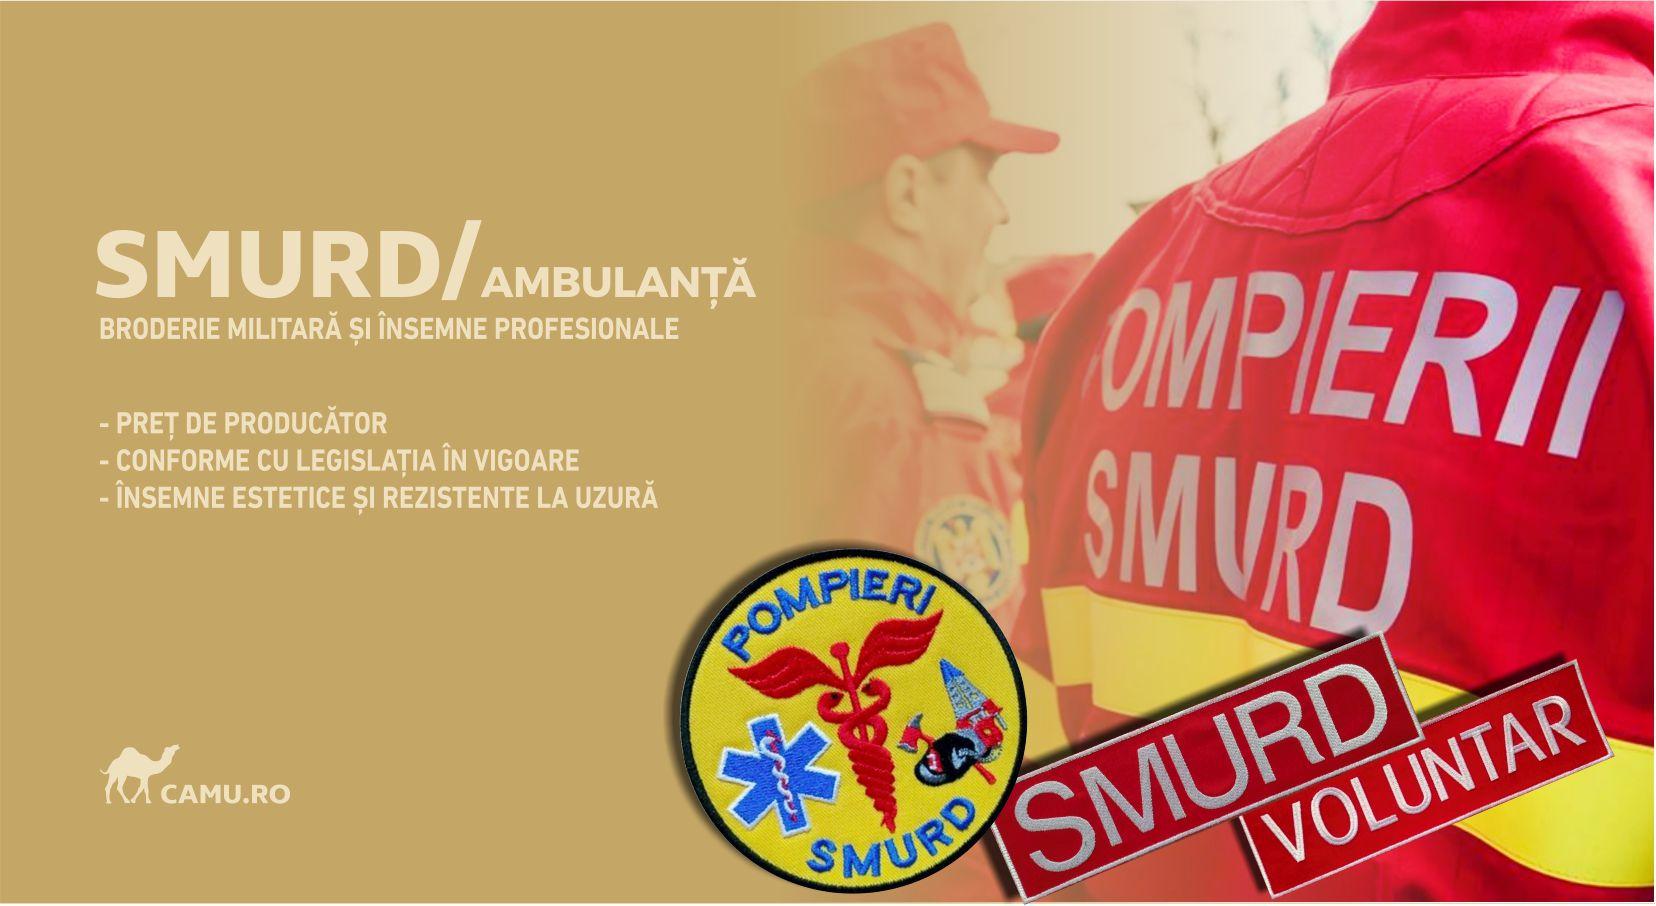 Grade Militare SMURD, Grade Medic, Grade Paramedic, Asistent Medical și alte însemne distinctive pentru uniforma SMURD Ambulanță. *Conforme cu legislația în vigoare.